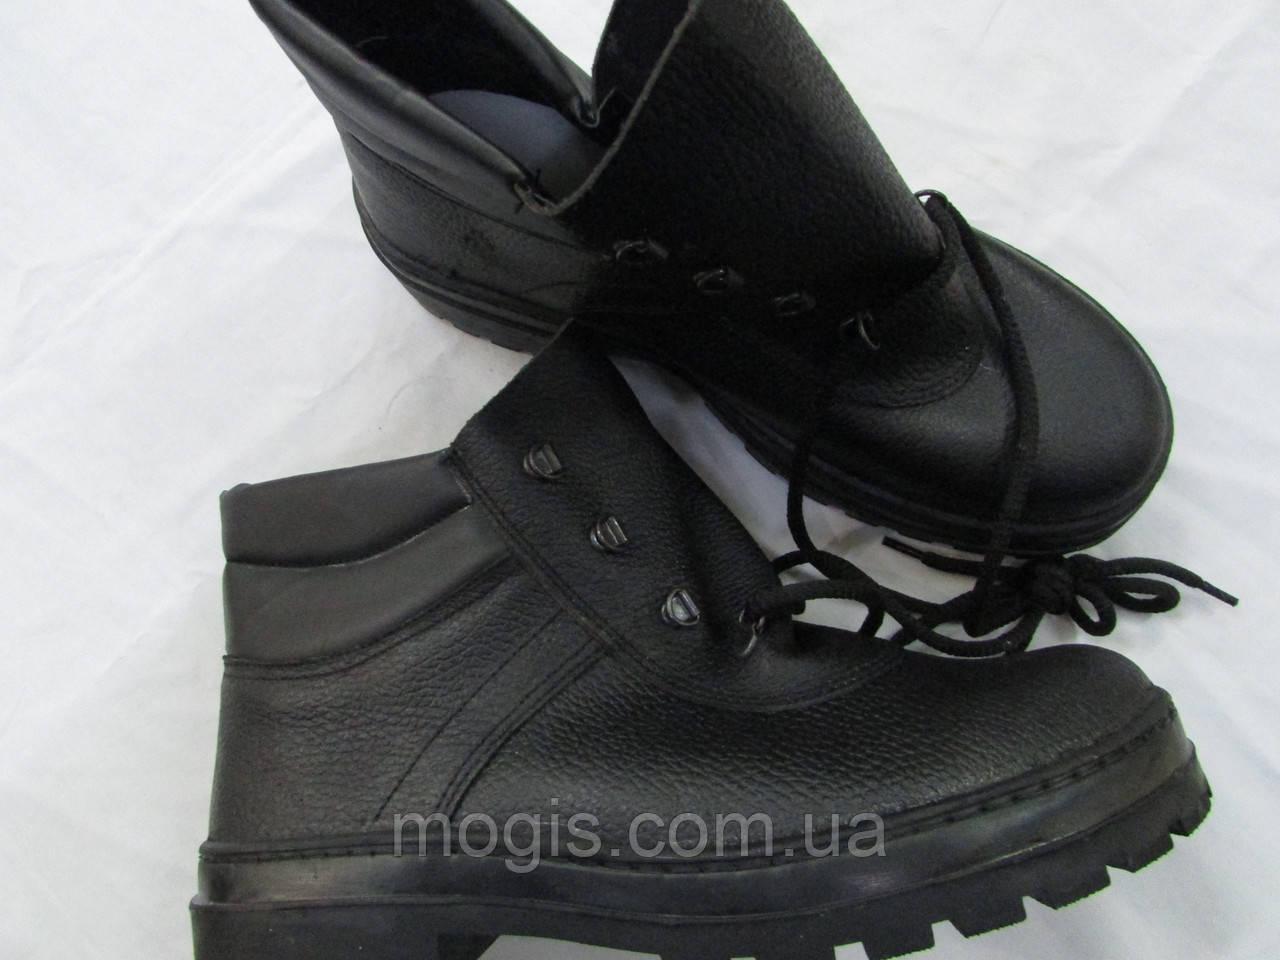 Ботинки рабочие кожаные 103 модель